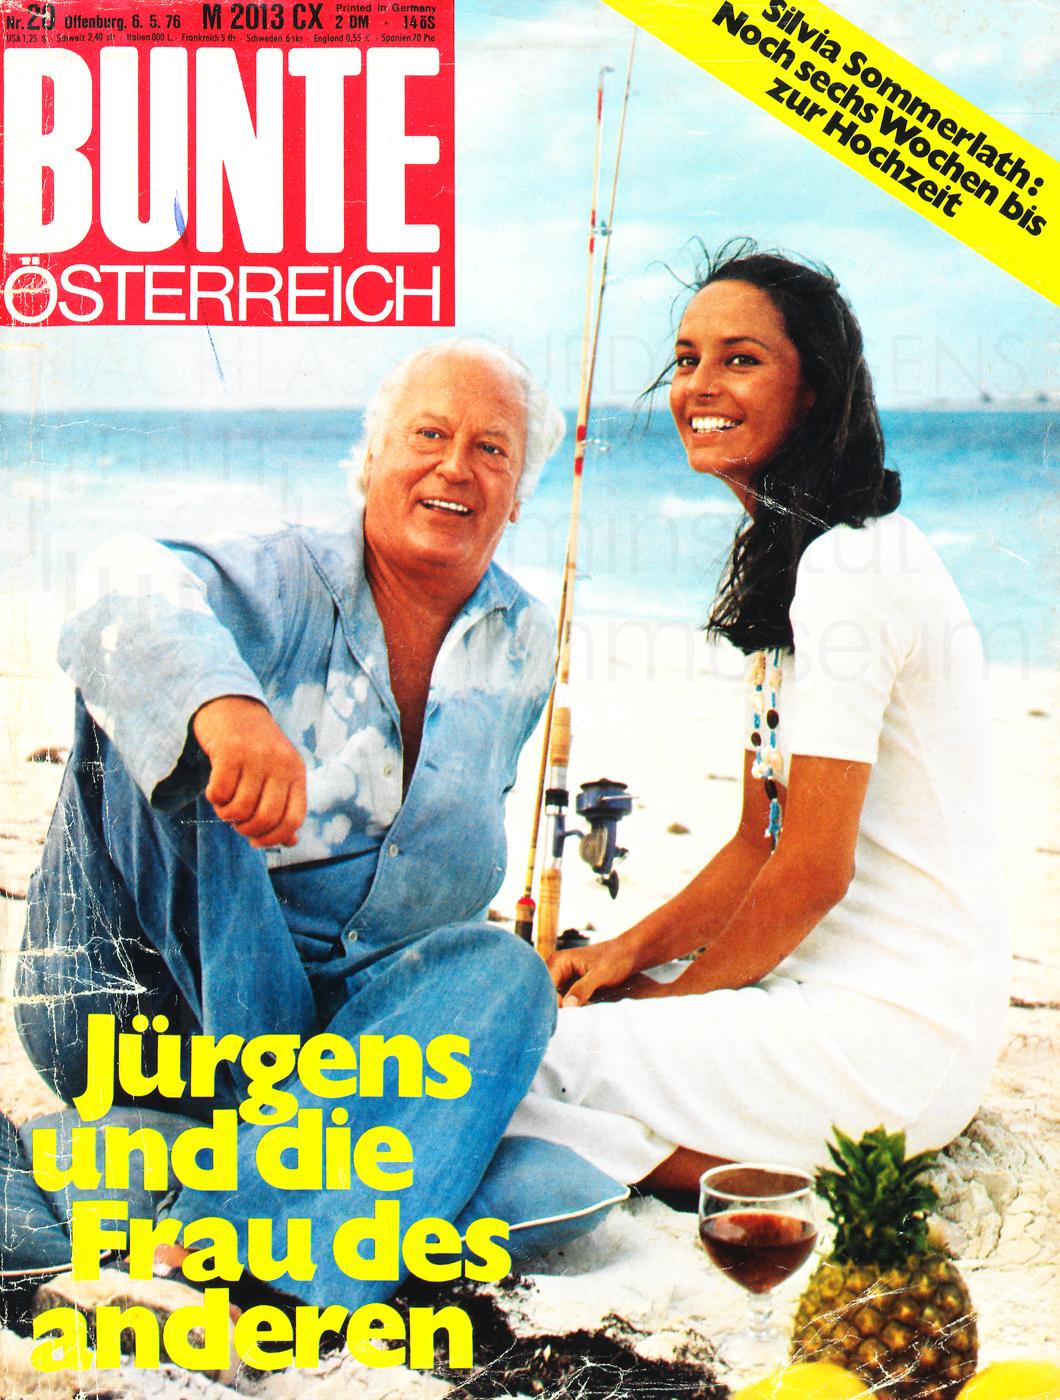 """Bunte: """"Jürgens und die Frau des anderen"""", Nr. 20, 1967"""